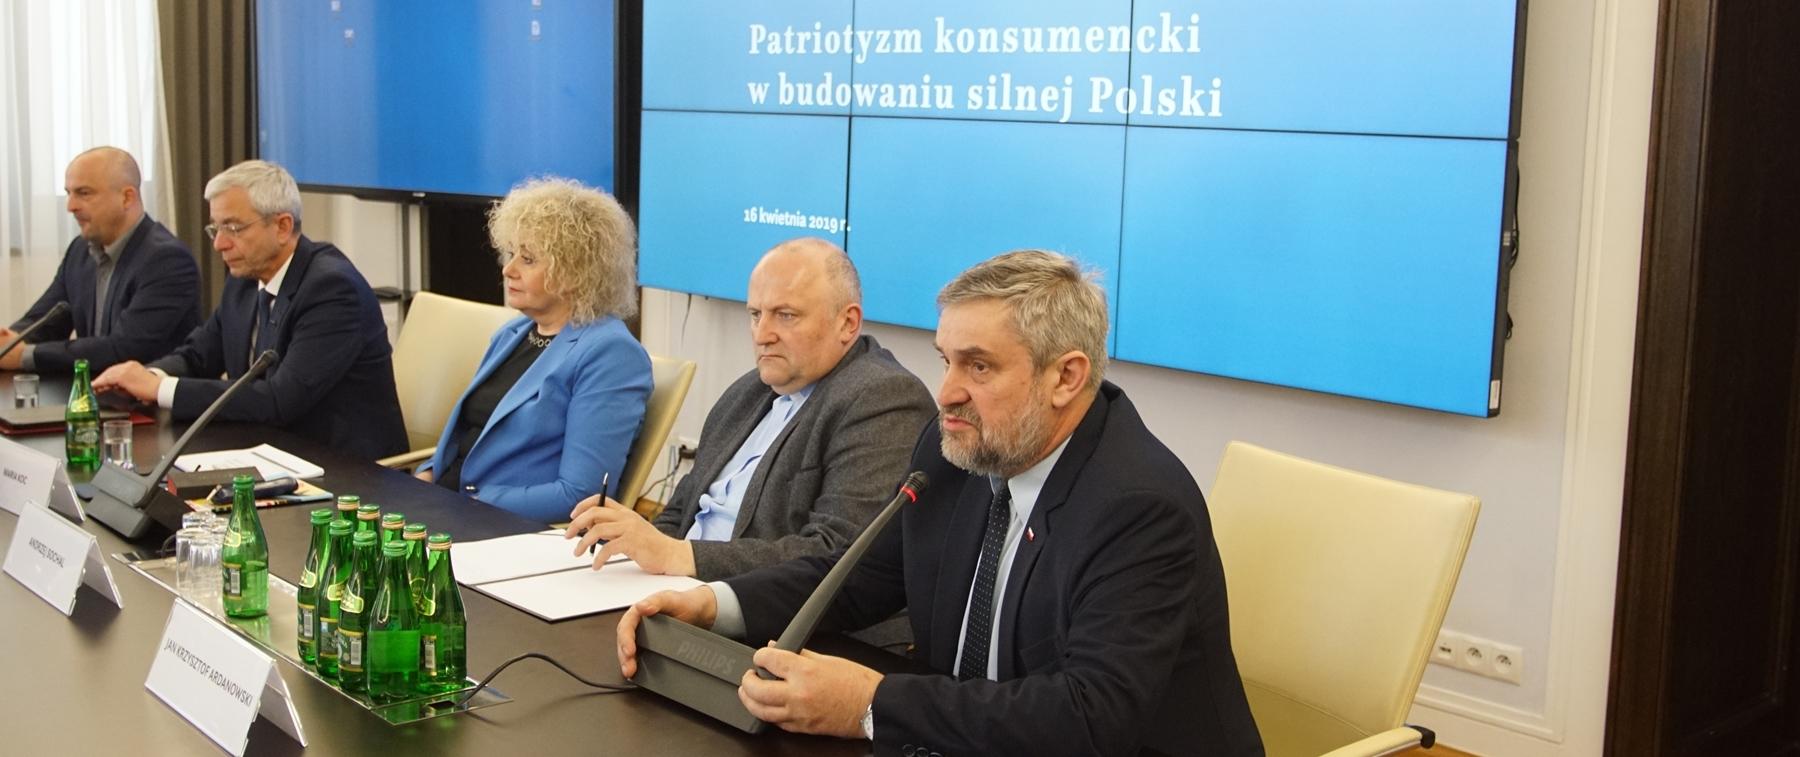 Patriotyzm konsumencki w budowaniu silnej Polski